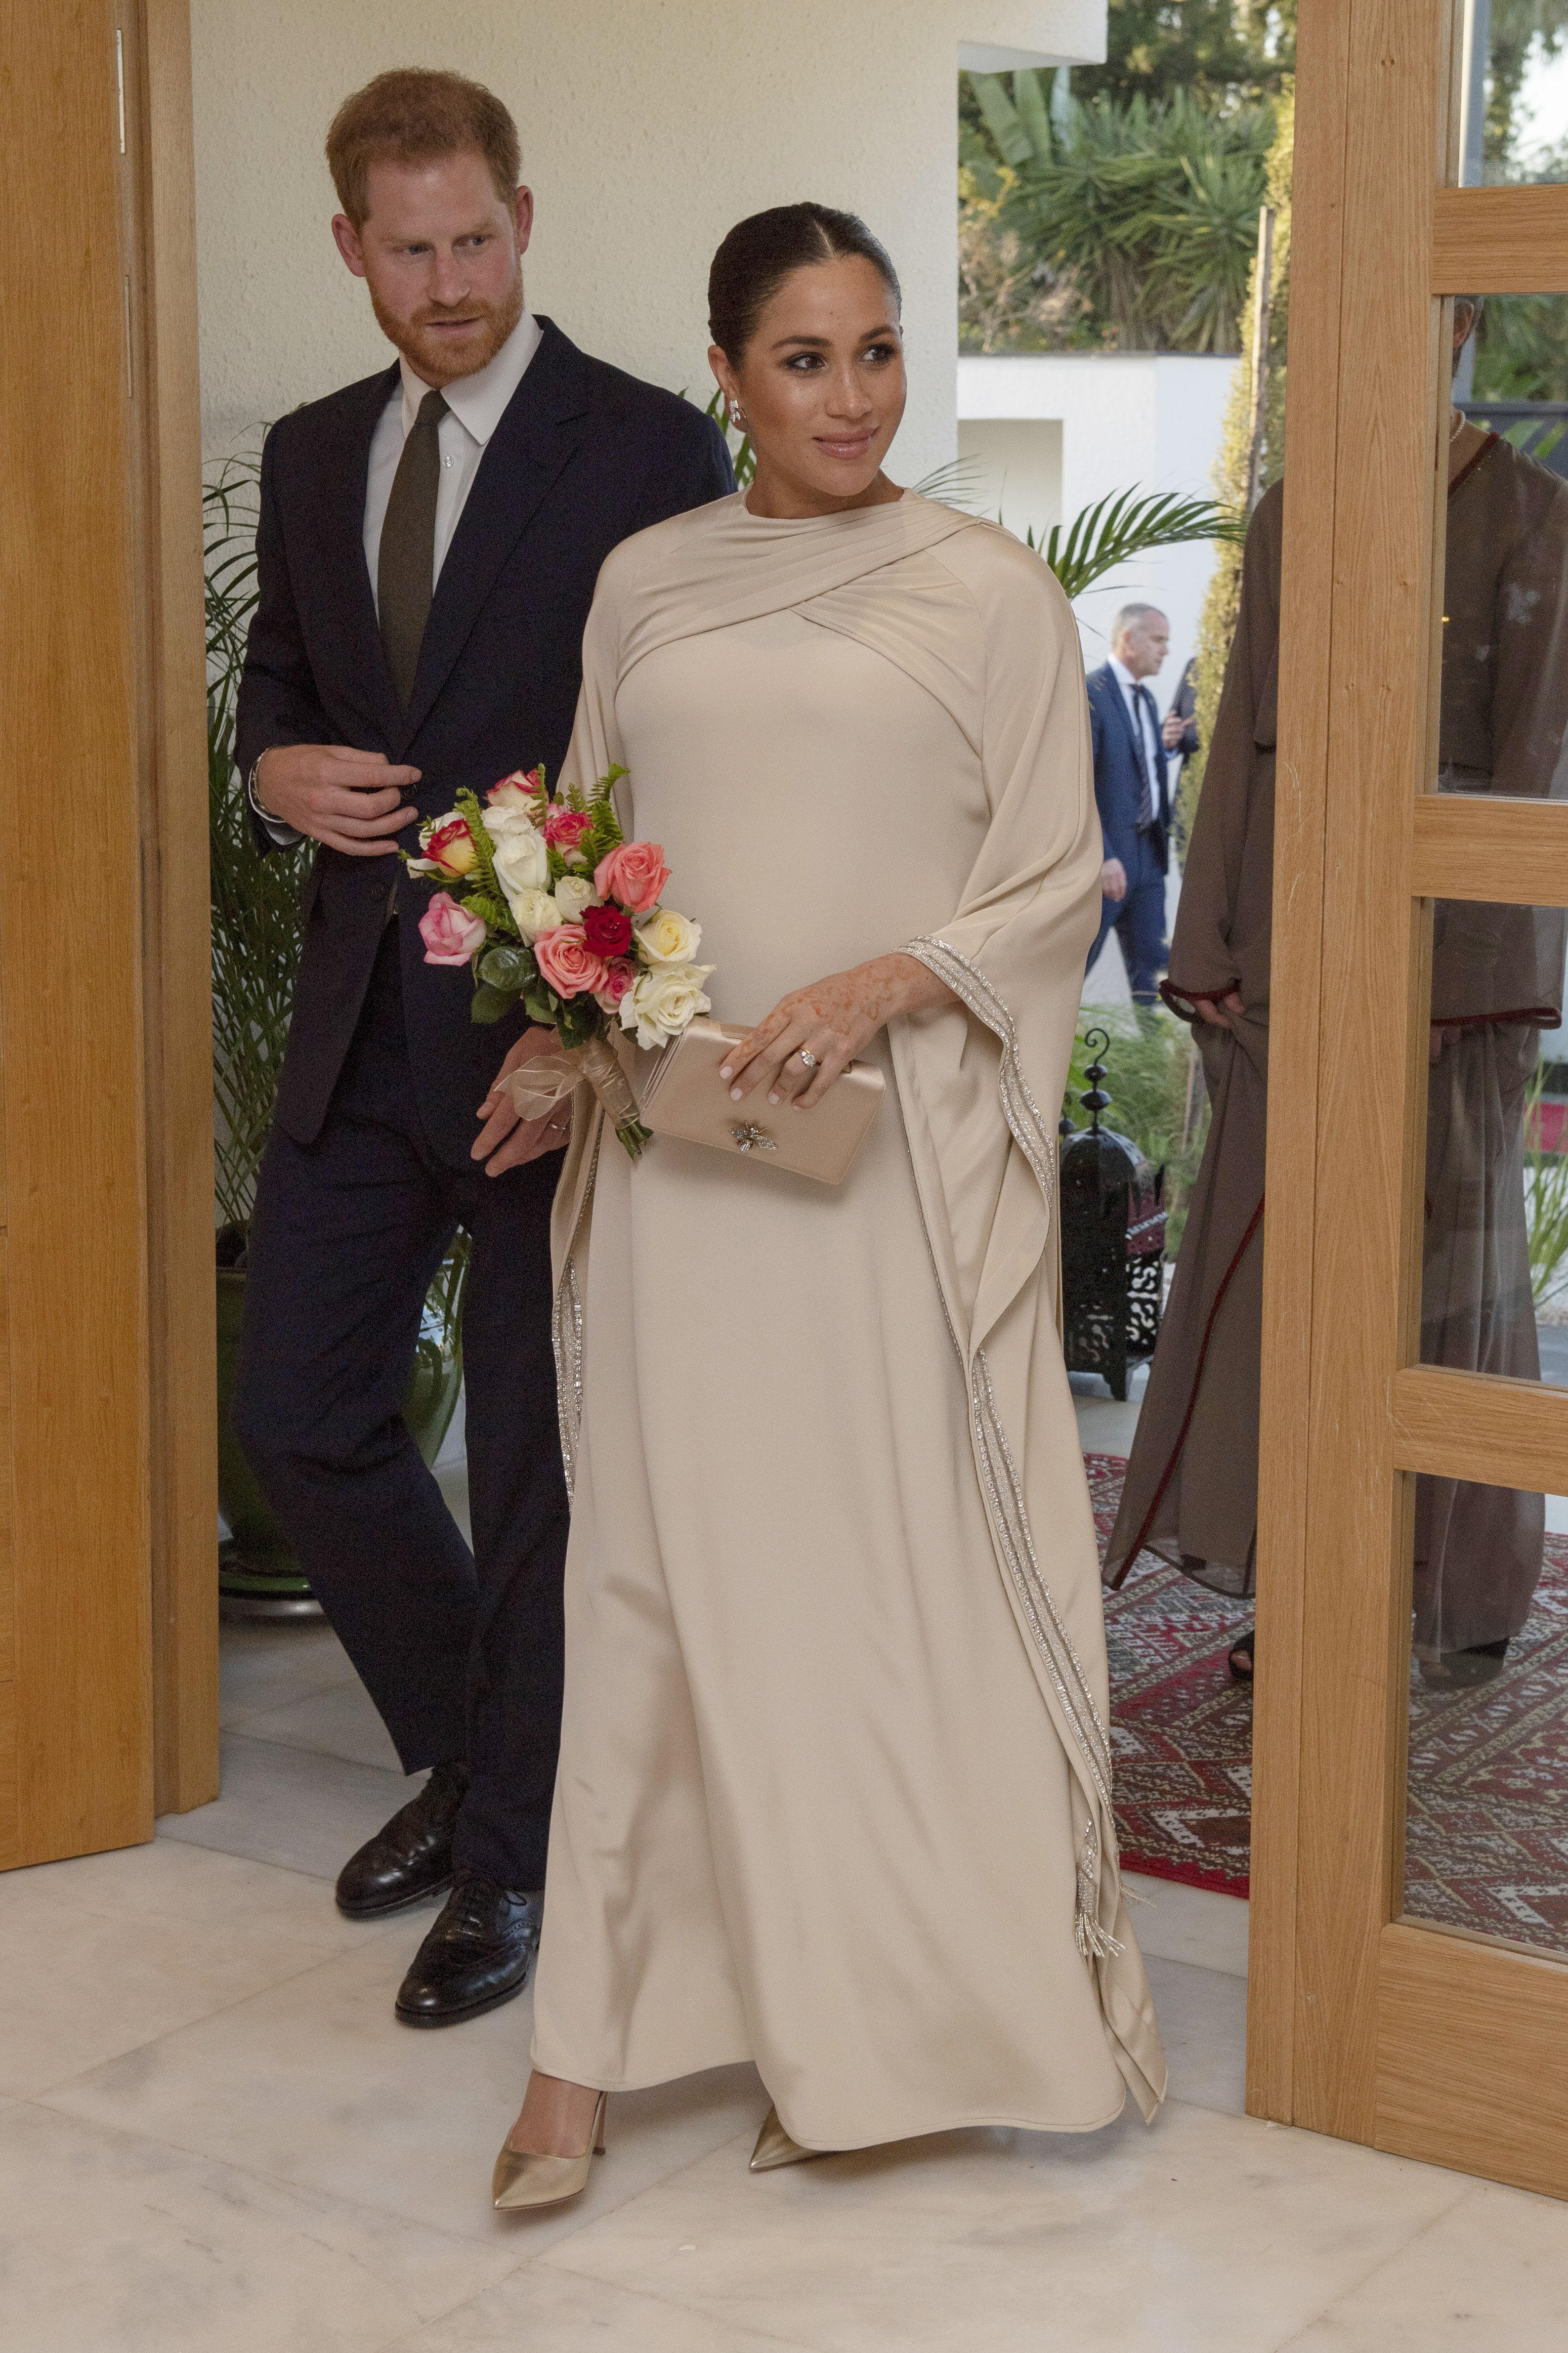 Uno de los estilos más impactantes fue el vestido crema de la casa Dior que utilizó para la cena con el embajador británico en Marruecos. (EFE)